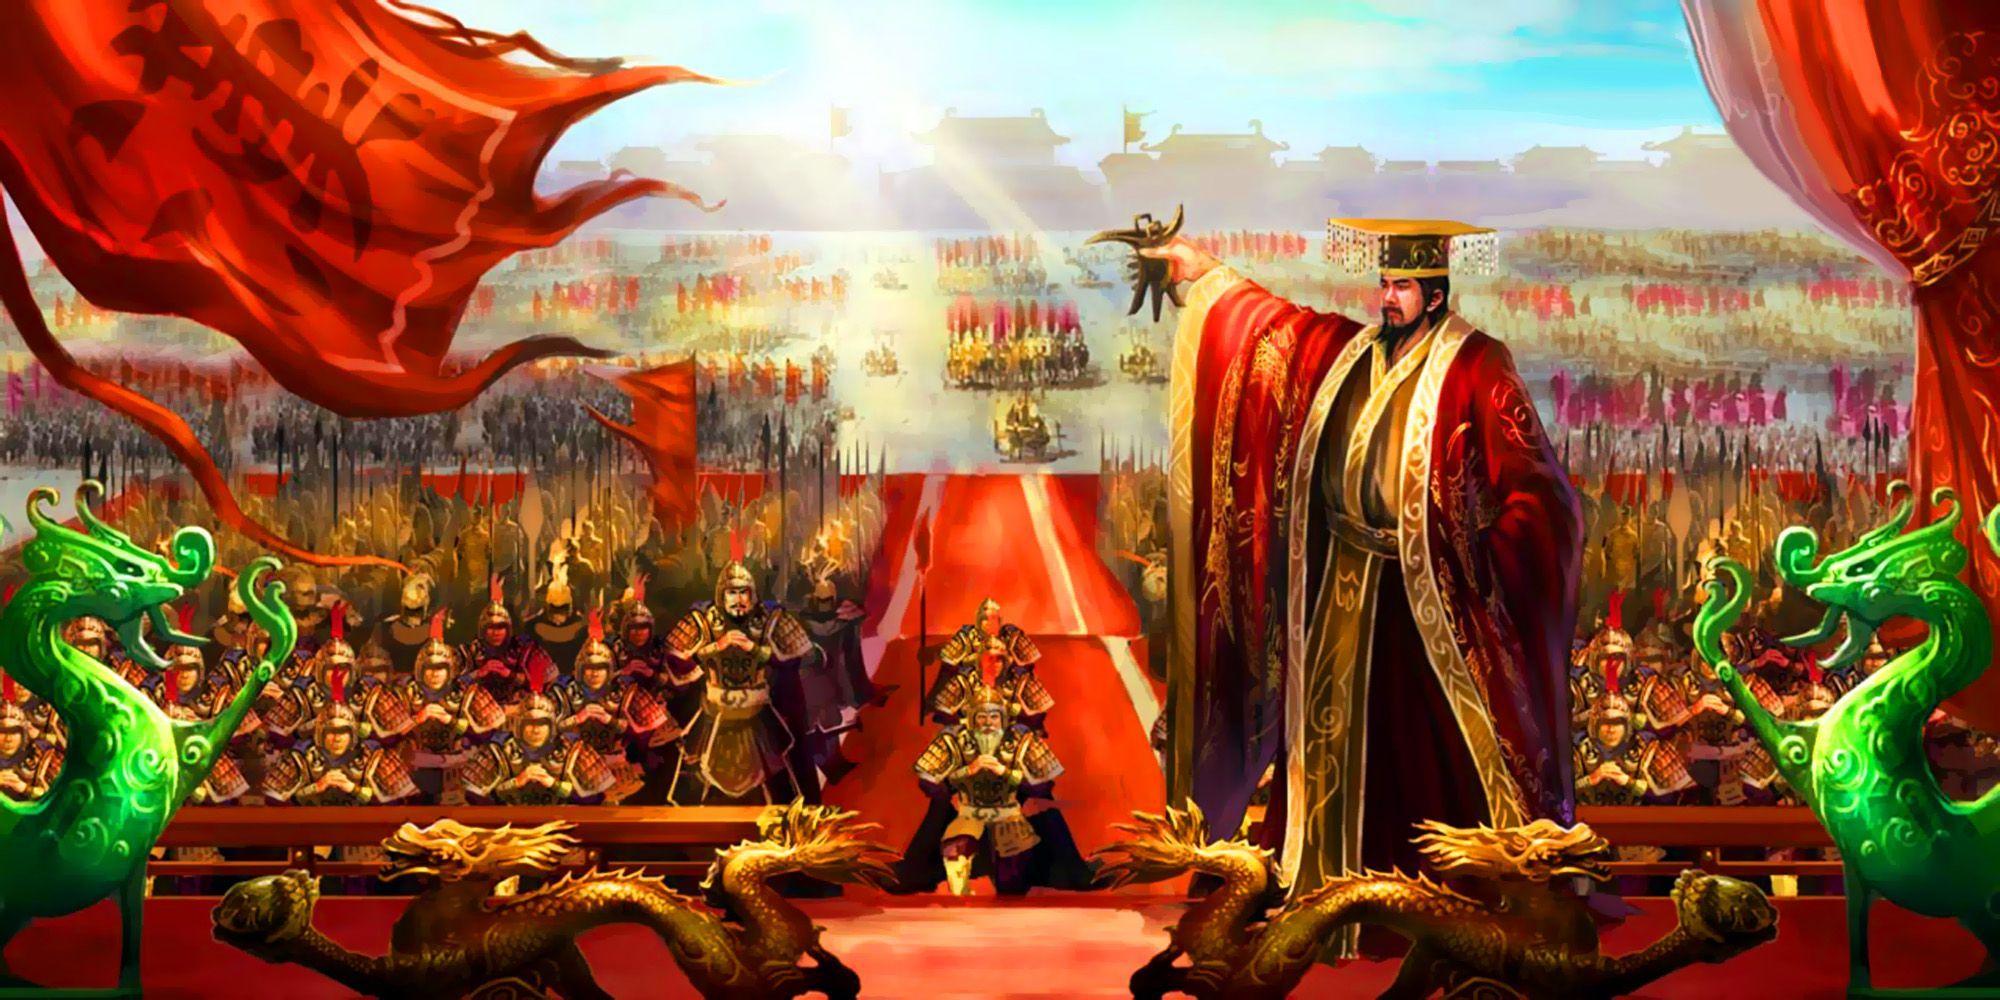 Pin By Dragan Prodanovic On China Calls